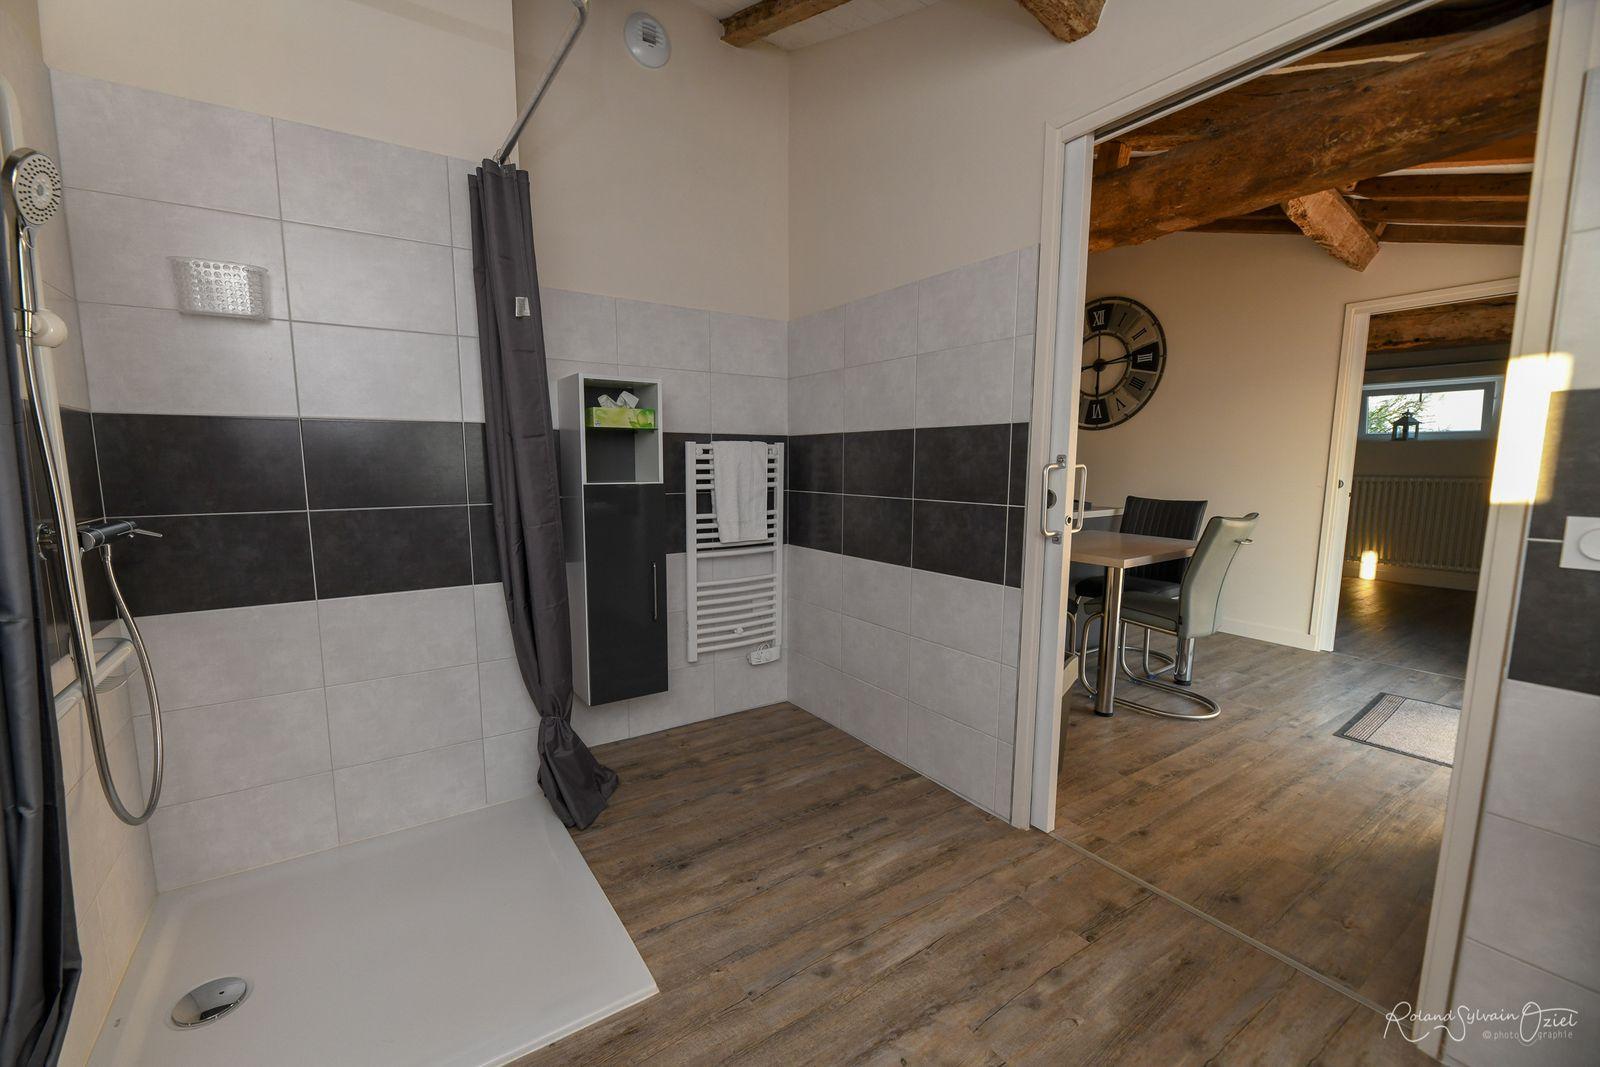 Linge de toilette, sèche cheveux, papier toilette et trousse de secours à disposition